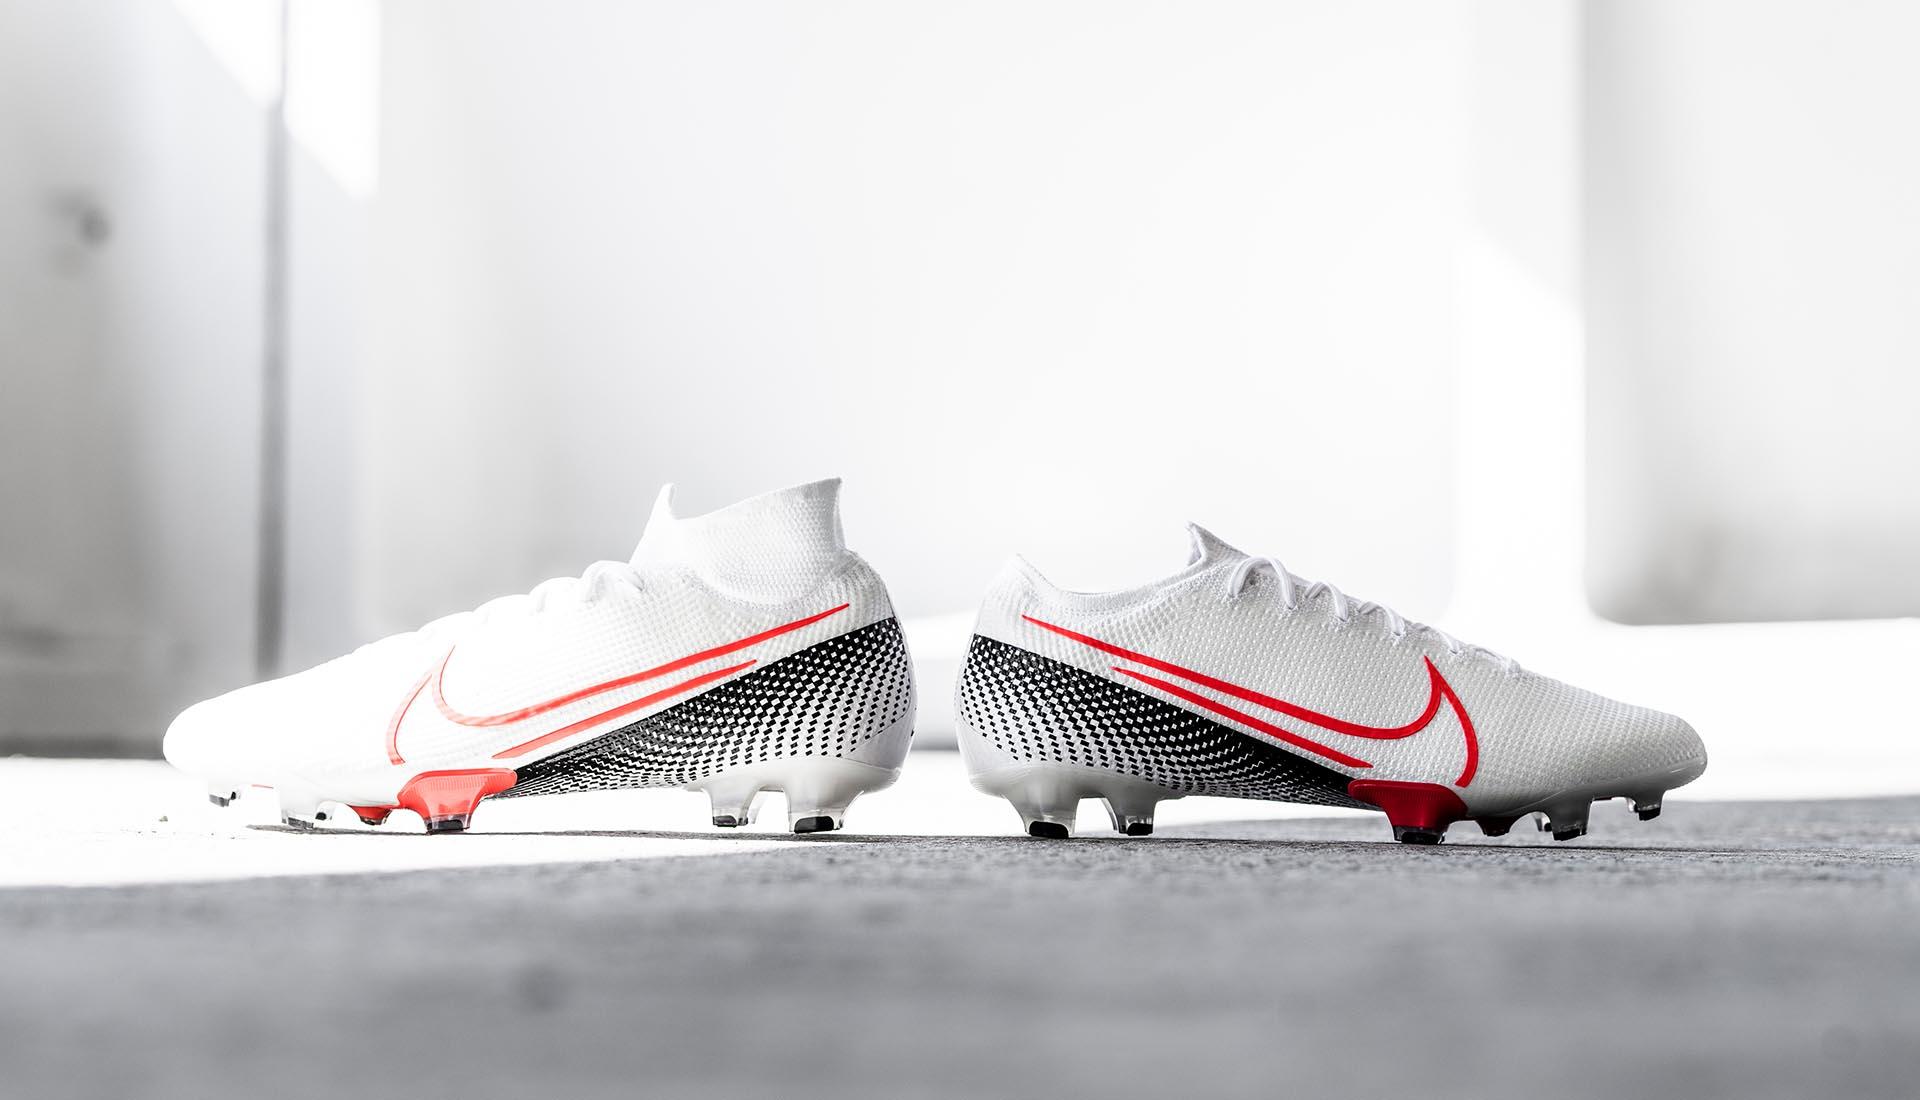 """Nike ra mắt bộ sưu tập giày bóng đá mới có tên """"Future Lab 2"""""""